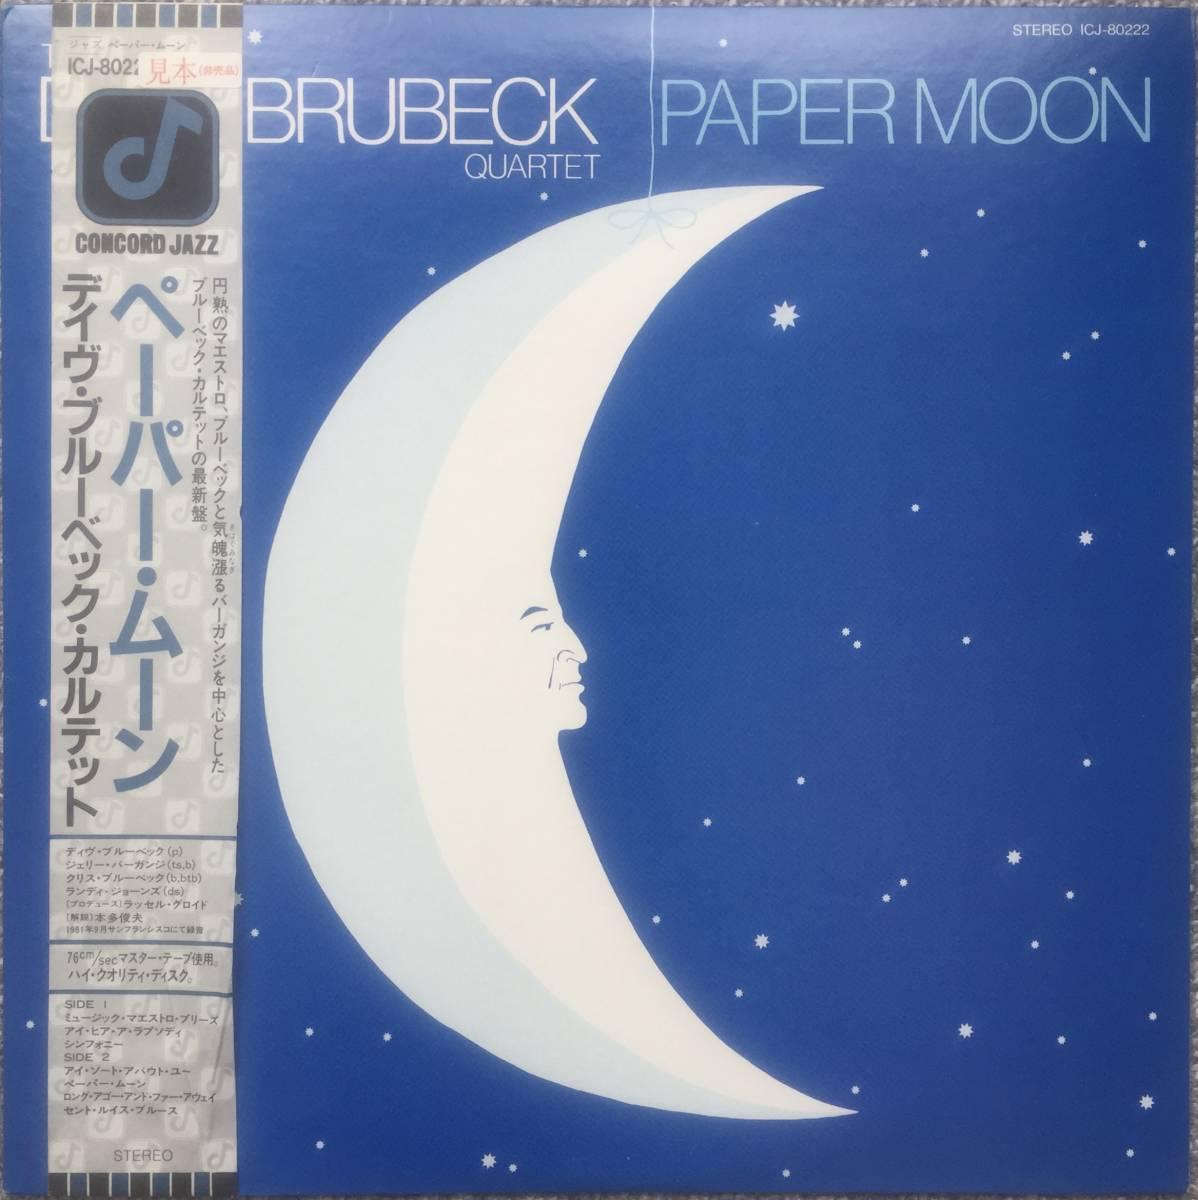 帯付き 極美盤 見本盤 The Dave Brubeck Quartet Paper Moon 白ラベル 非売品 PROMO インサート完備 JAZZ RARE GROOVE ジャズ LP レア 国内_画像1